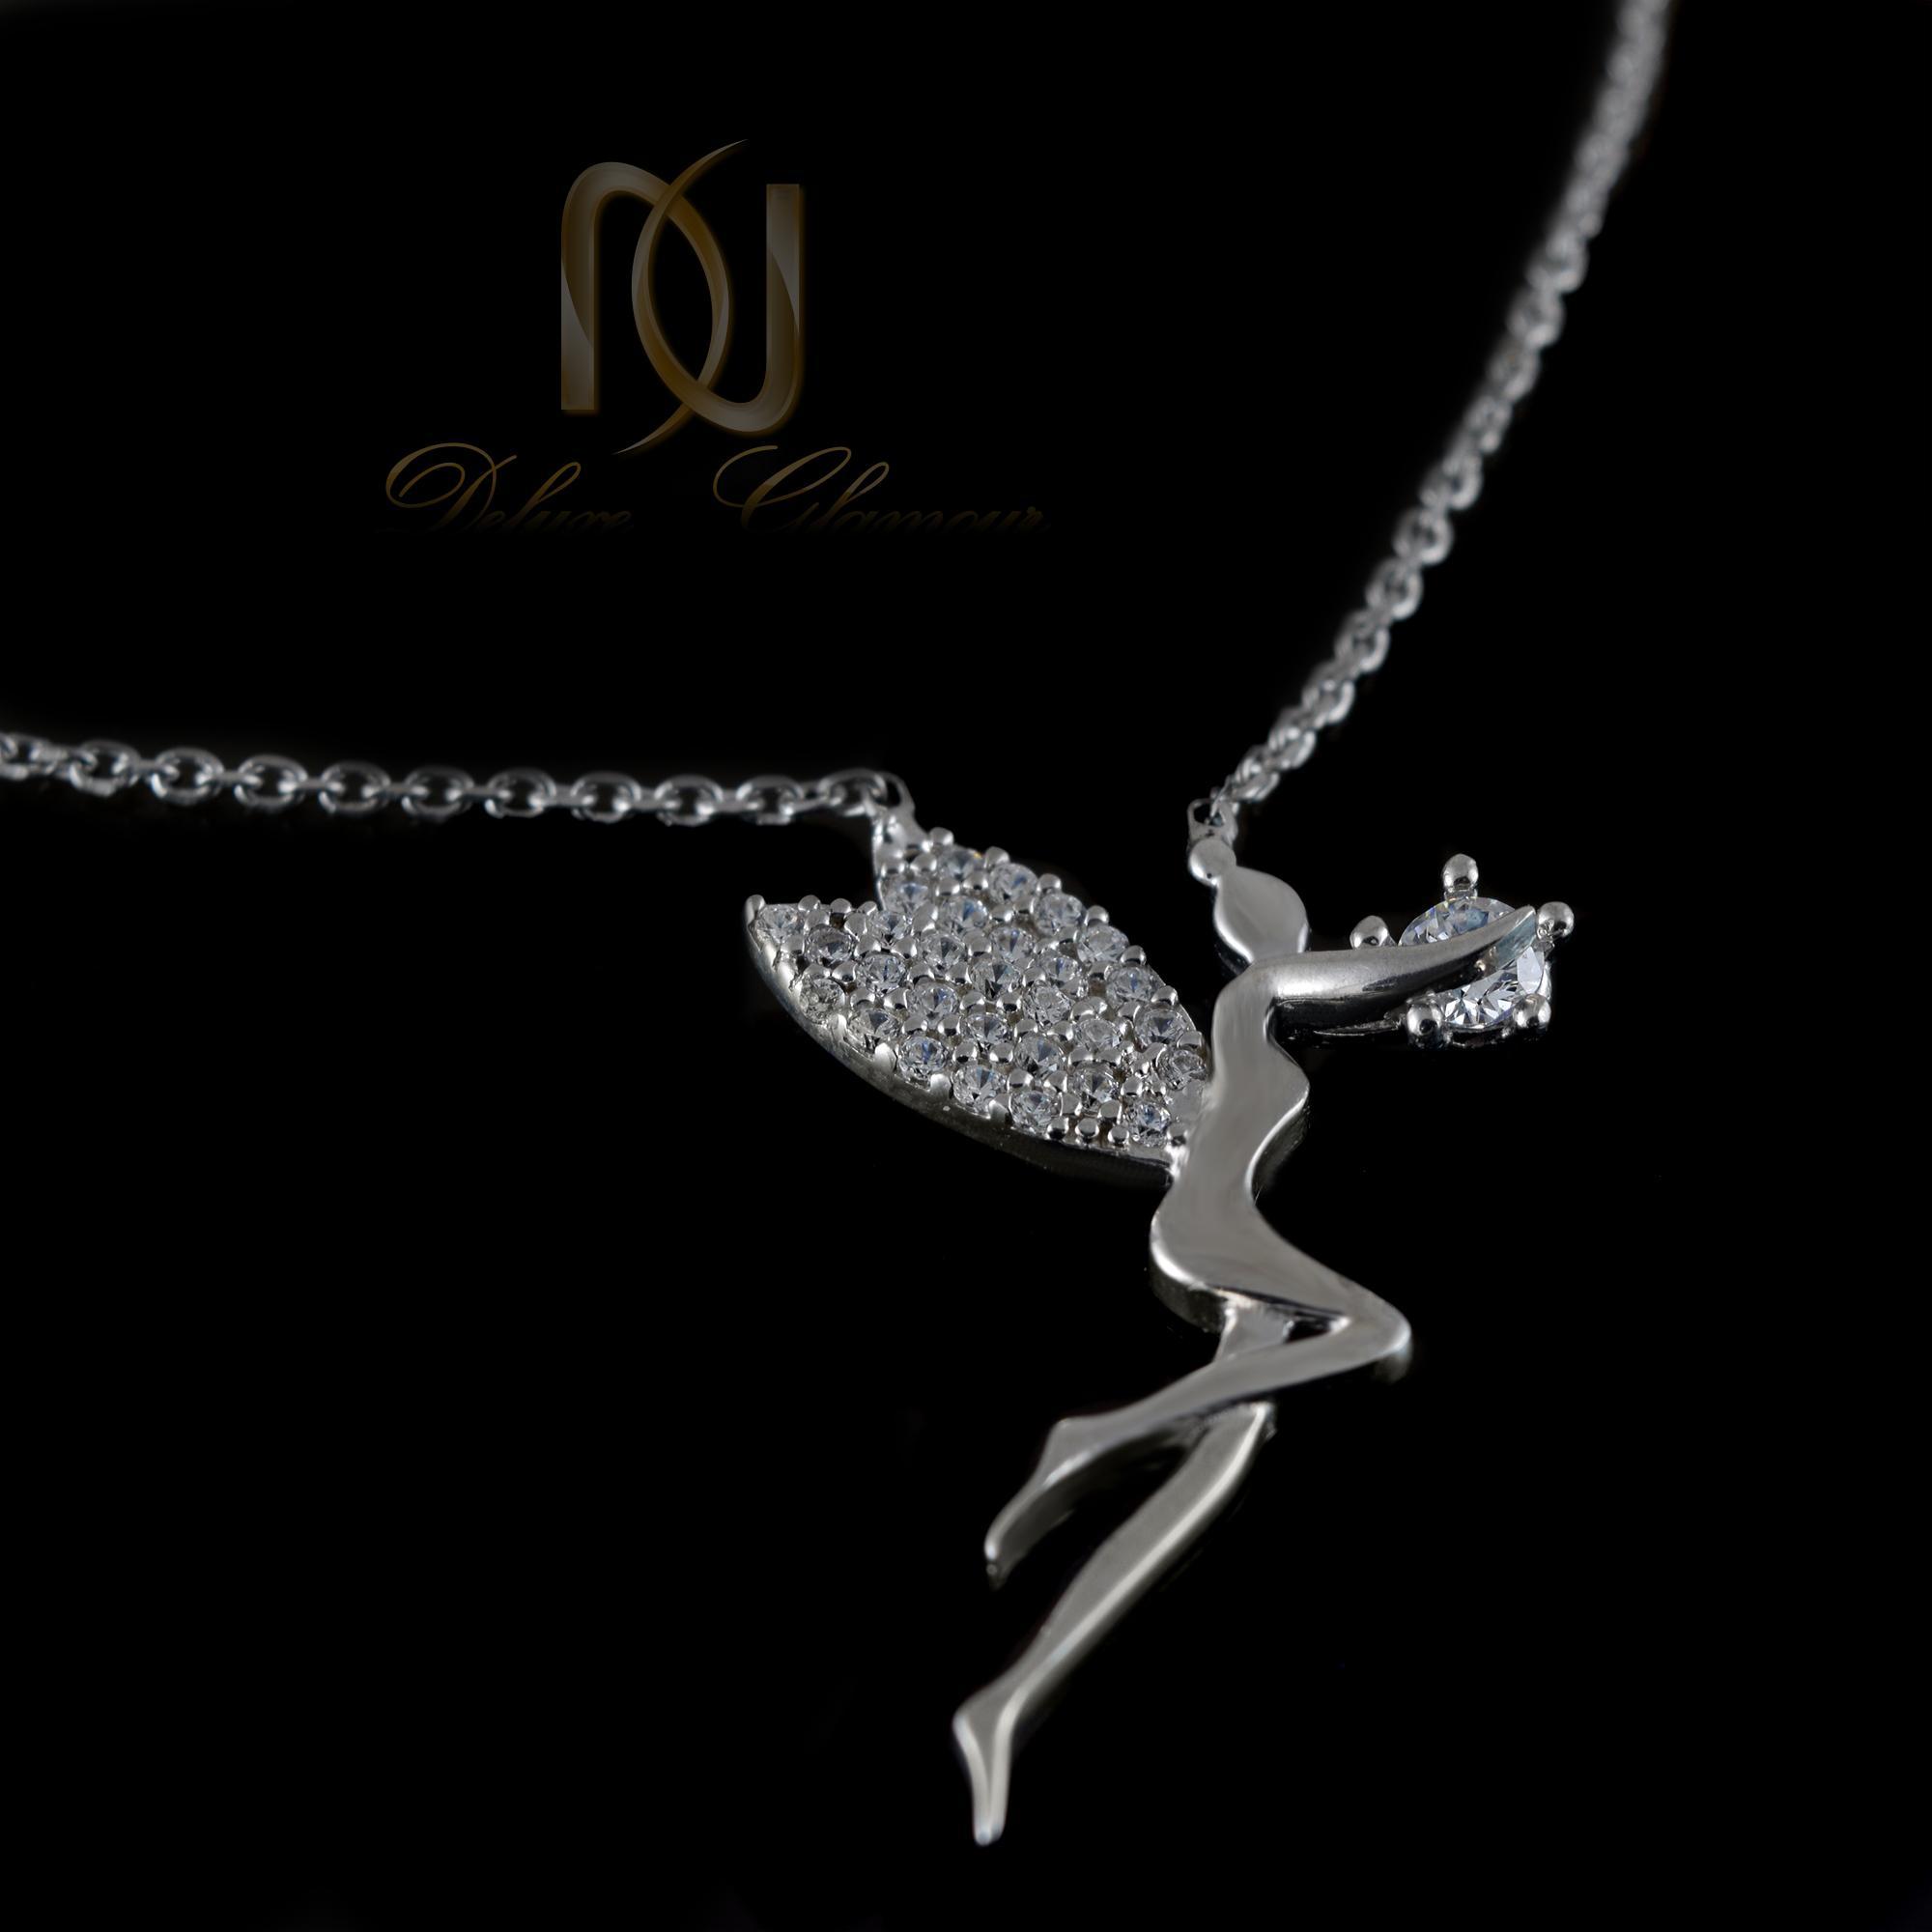 گردنبند نقره دخترانه طرح فرشته nw-n403 از نمای مشکی